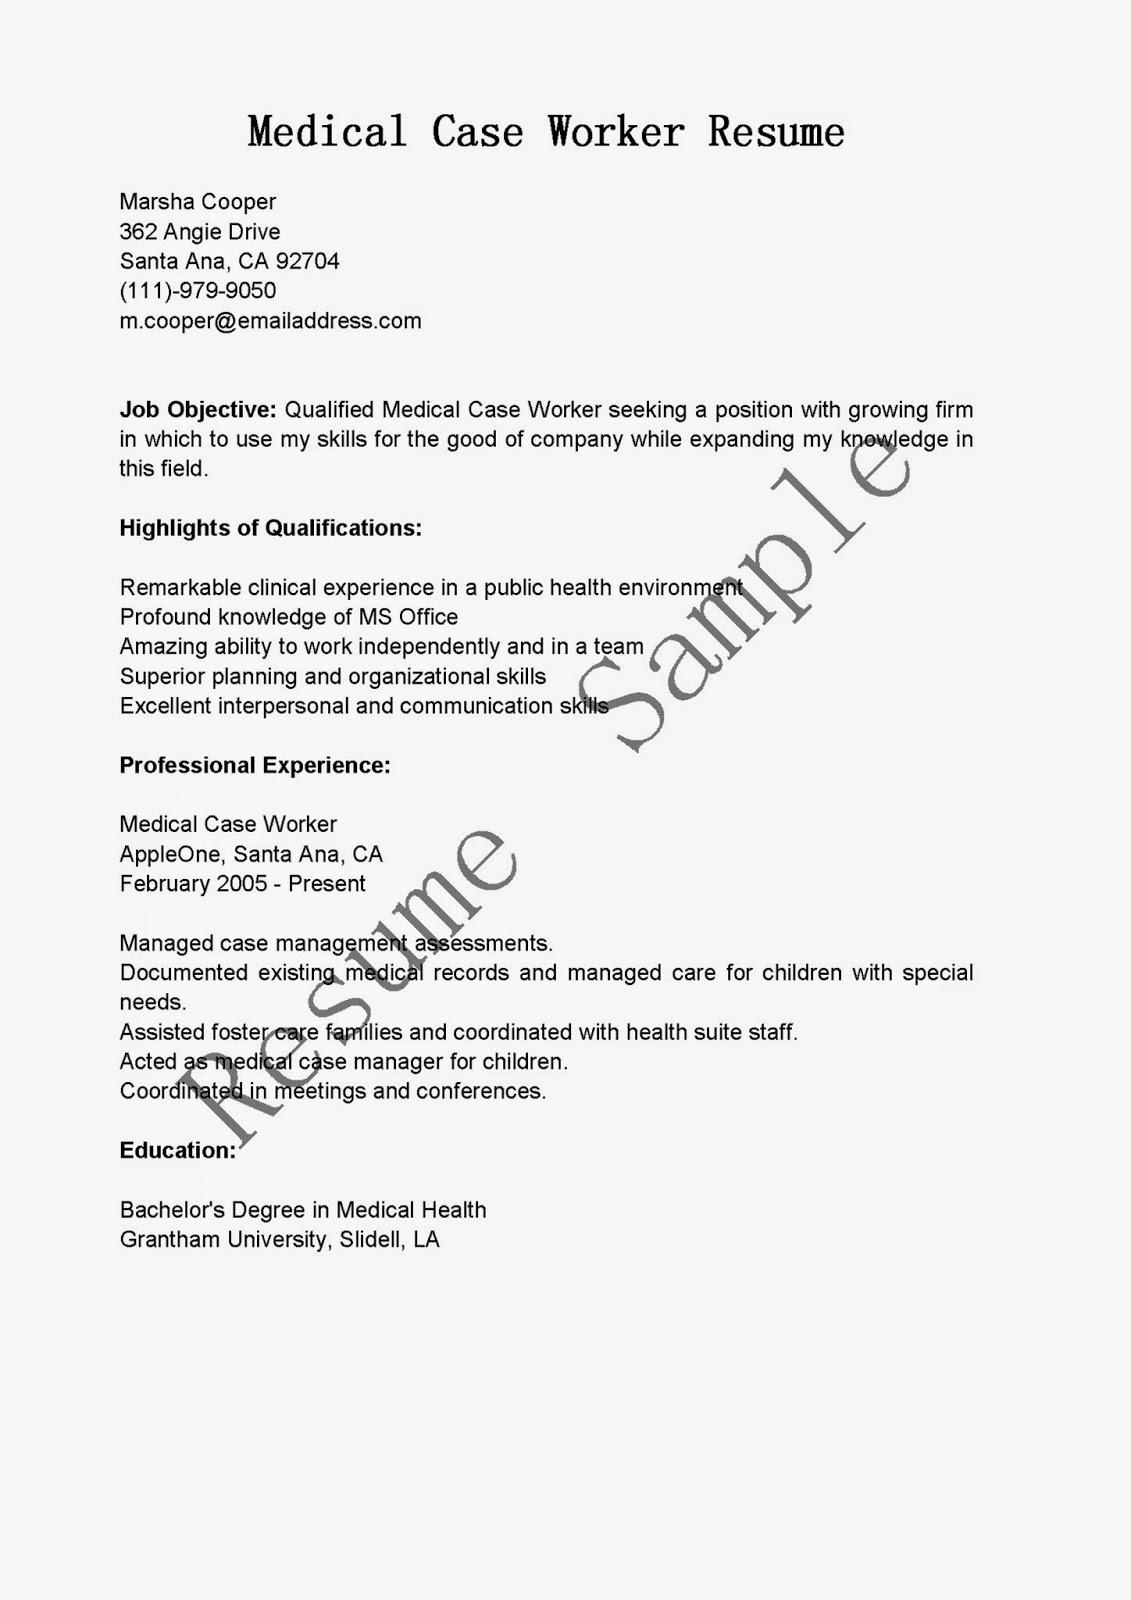 resume samples  medical case worker resume sample